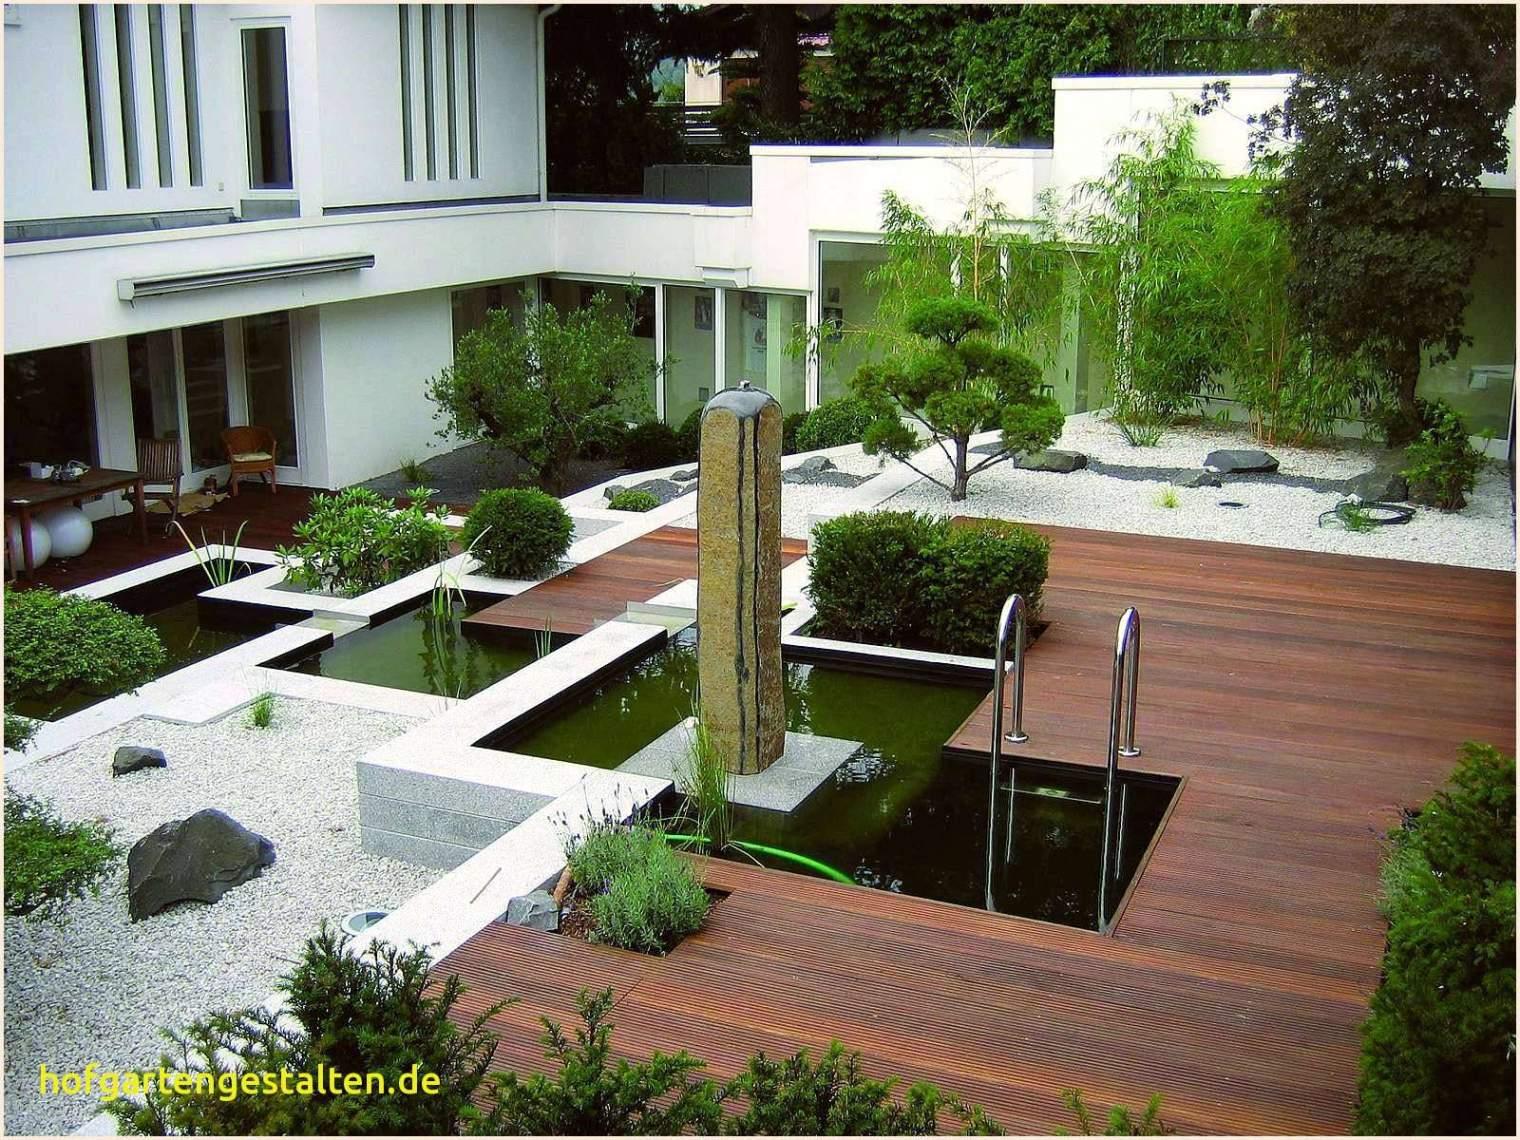 Die Gärten Der Welt Schön Gartengestaltung Kleine Gärten — Temobardz Home Blog